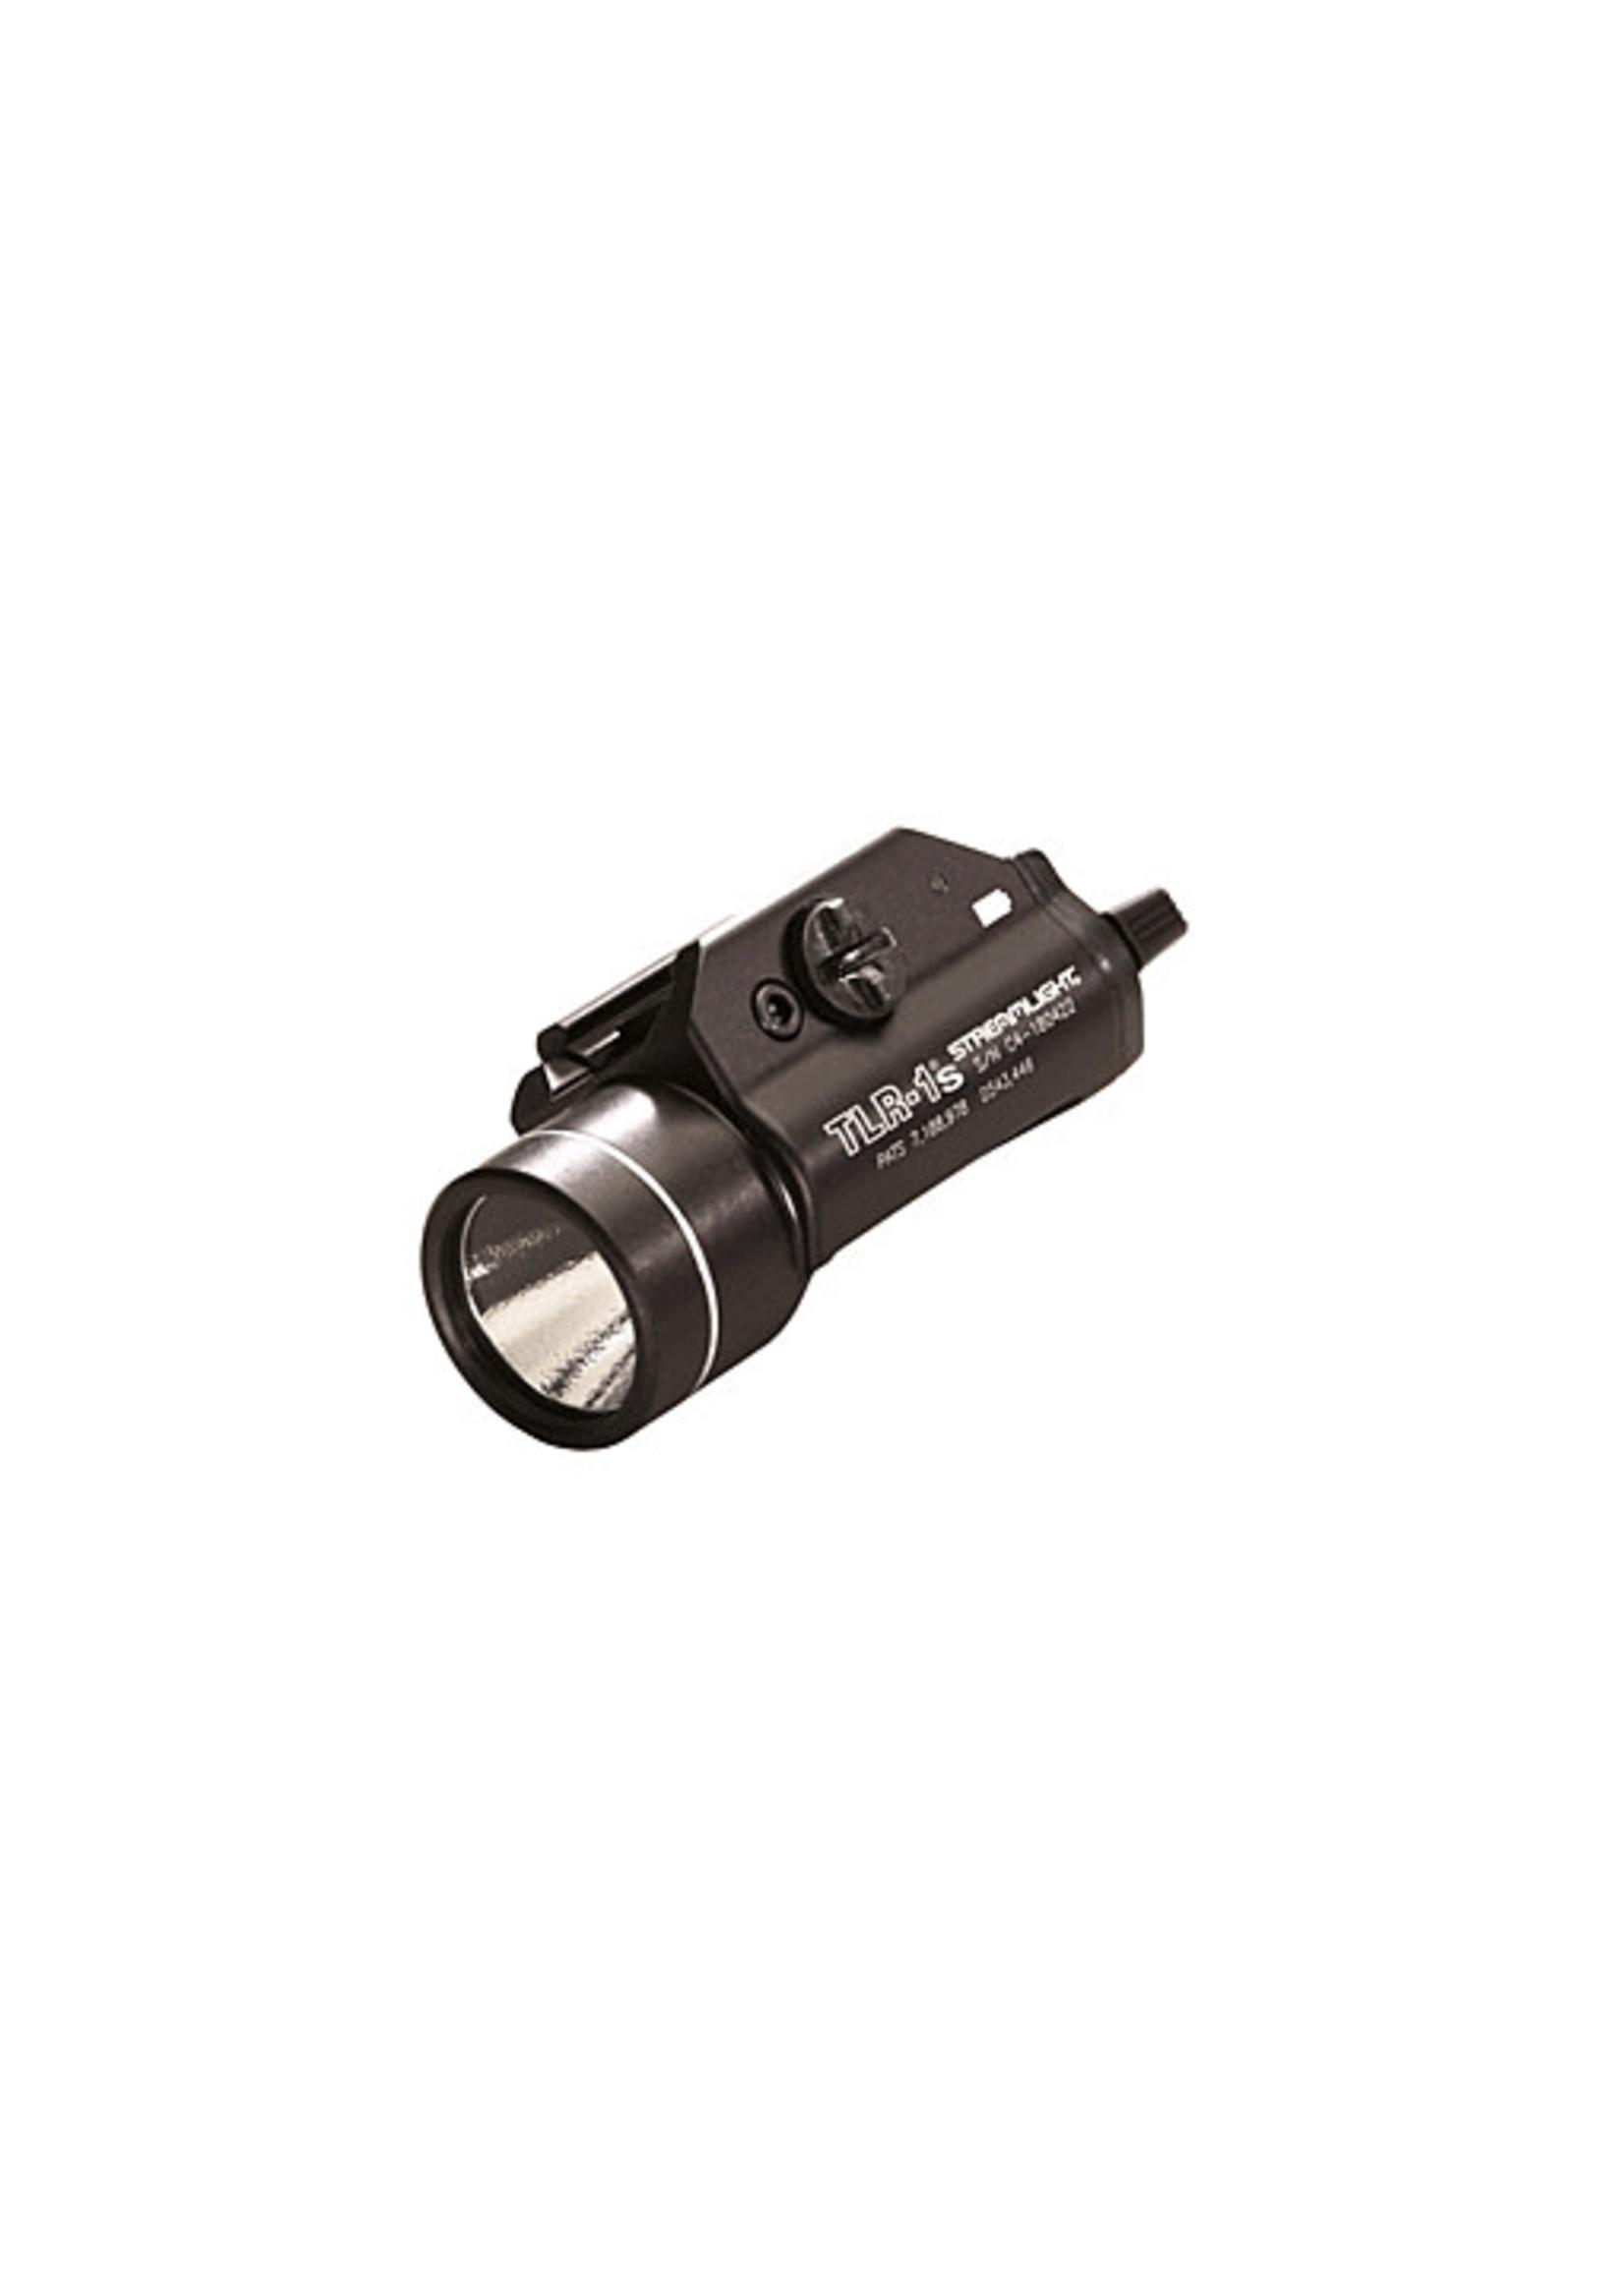 Streamlight Streamlight TLR-1 Strobe Light Rail Mount, 3-Watt LED